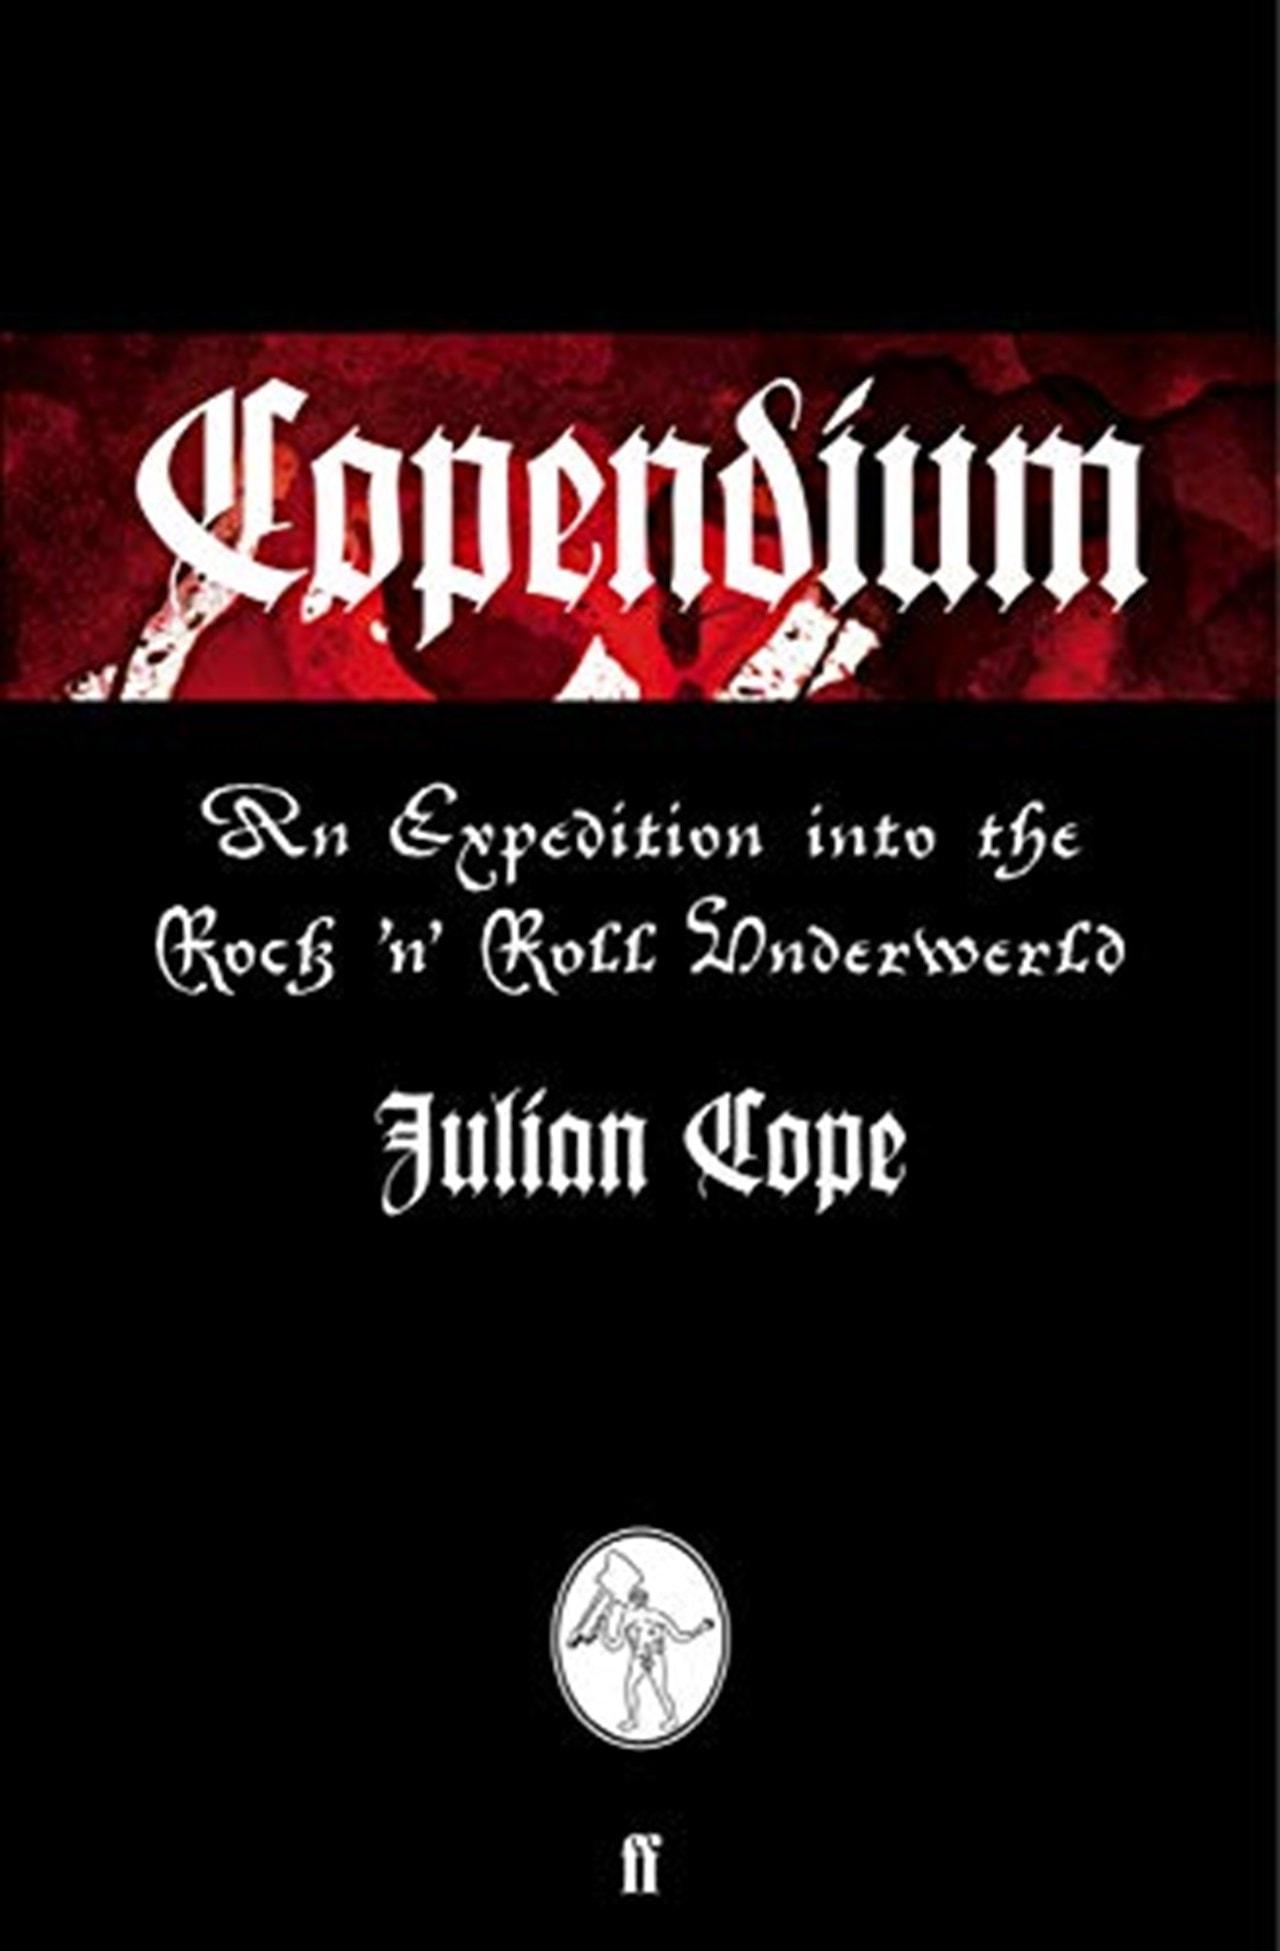 Copendium Paperback - 1